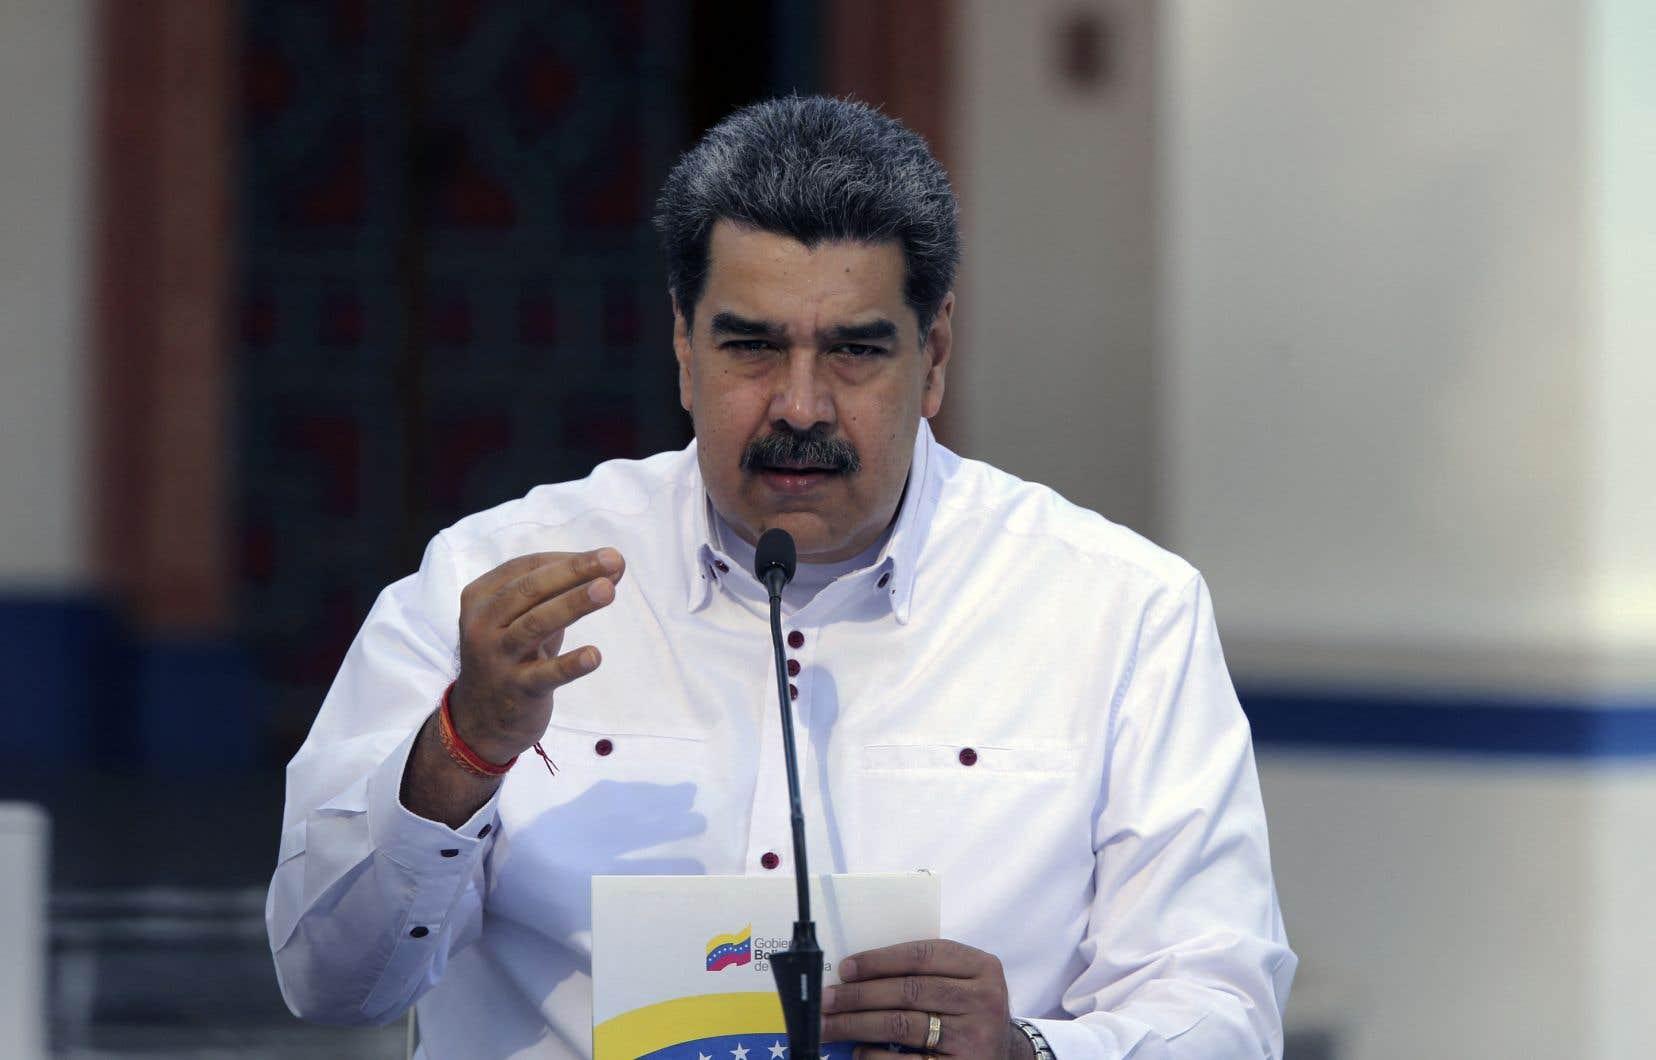 Le Venezuela prépare une «communication» qui sera adressée au «secrétaire général des Nations unies Antonio Guterres […] pour demander une aide immédiate d'urgence des Nations unies […] pour désamorcer les champs de mines laissés par ces groupes irréguliers d'assassins et de narcotrafiquants venus de Colombie», a affirmé M.Maduro dimanche à la télévision publique.